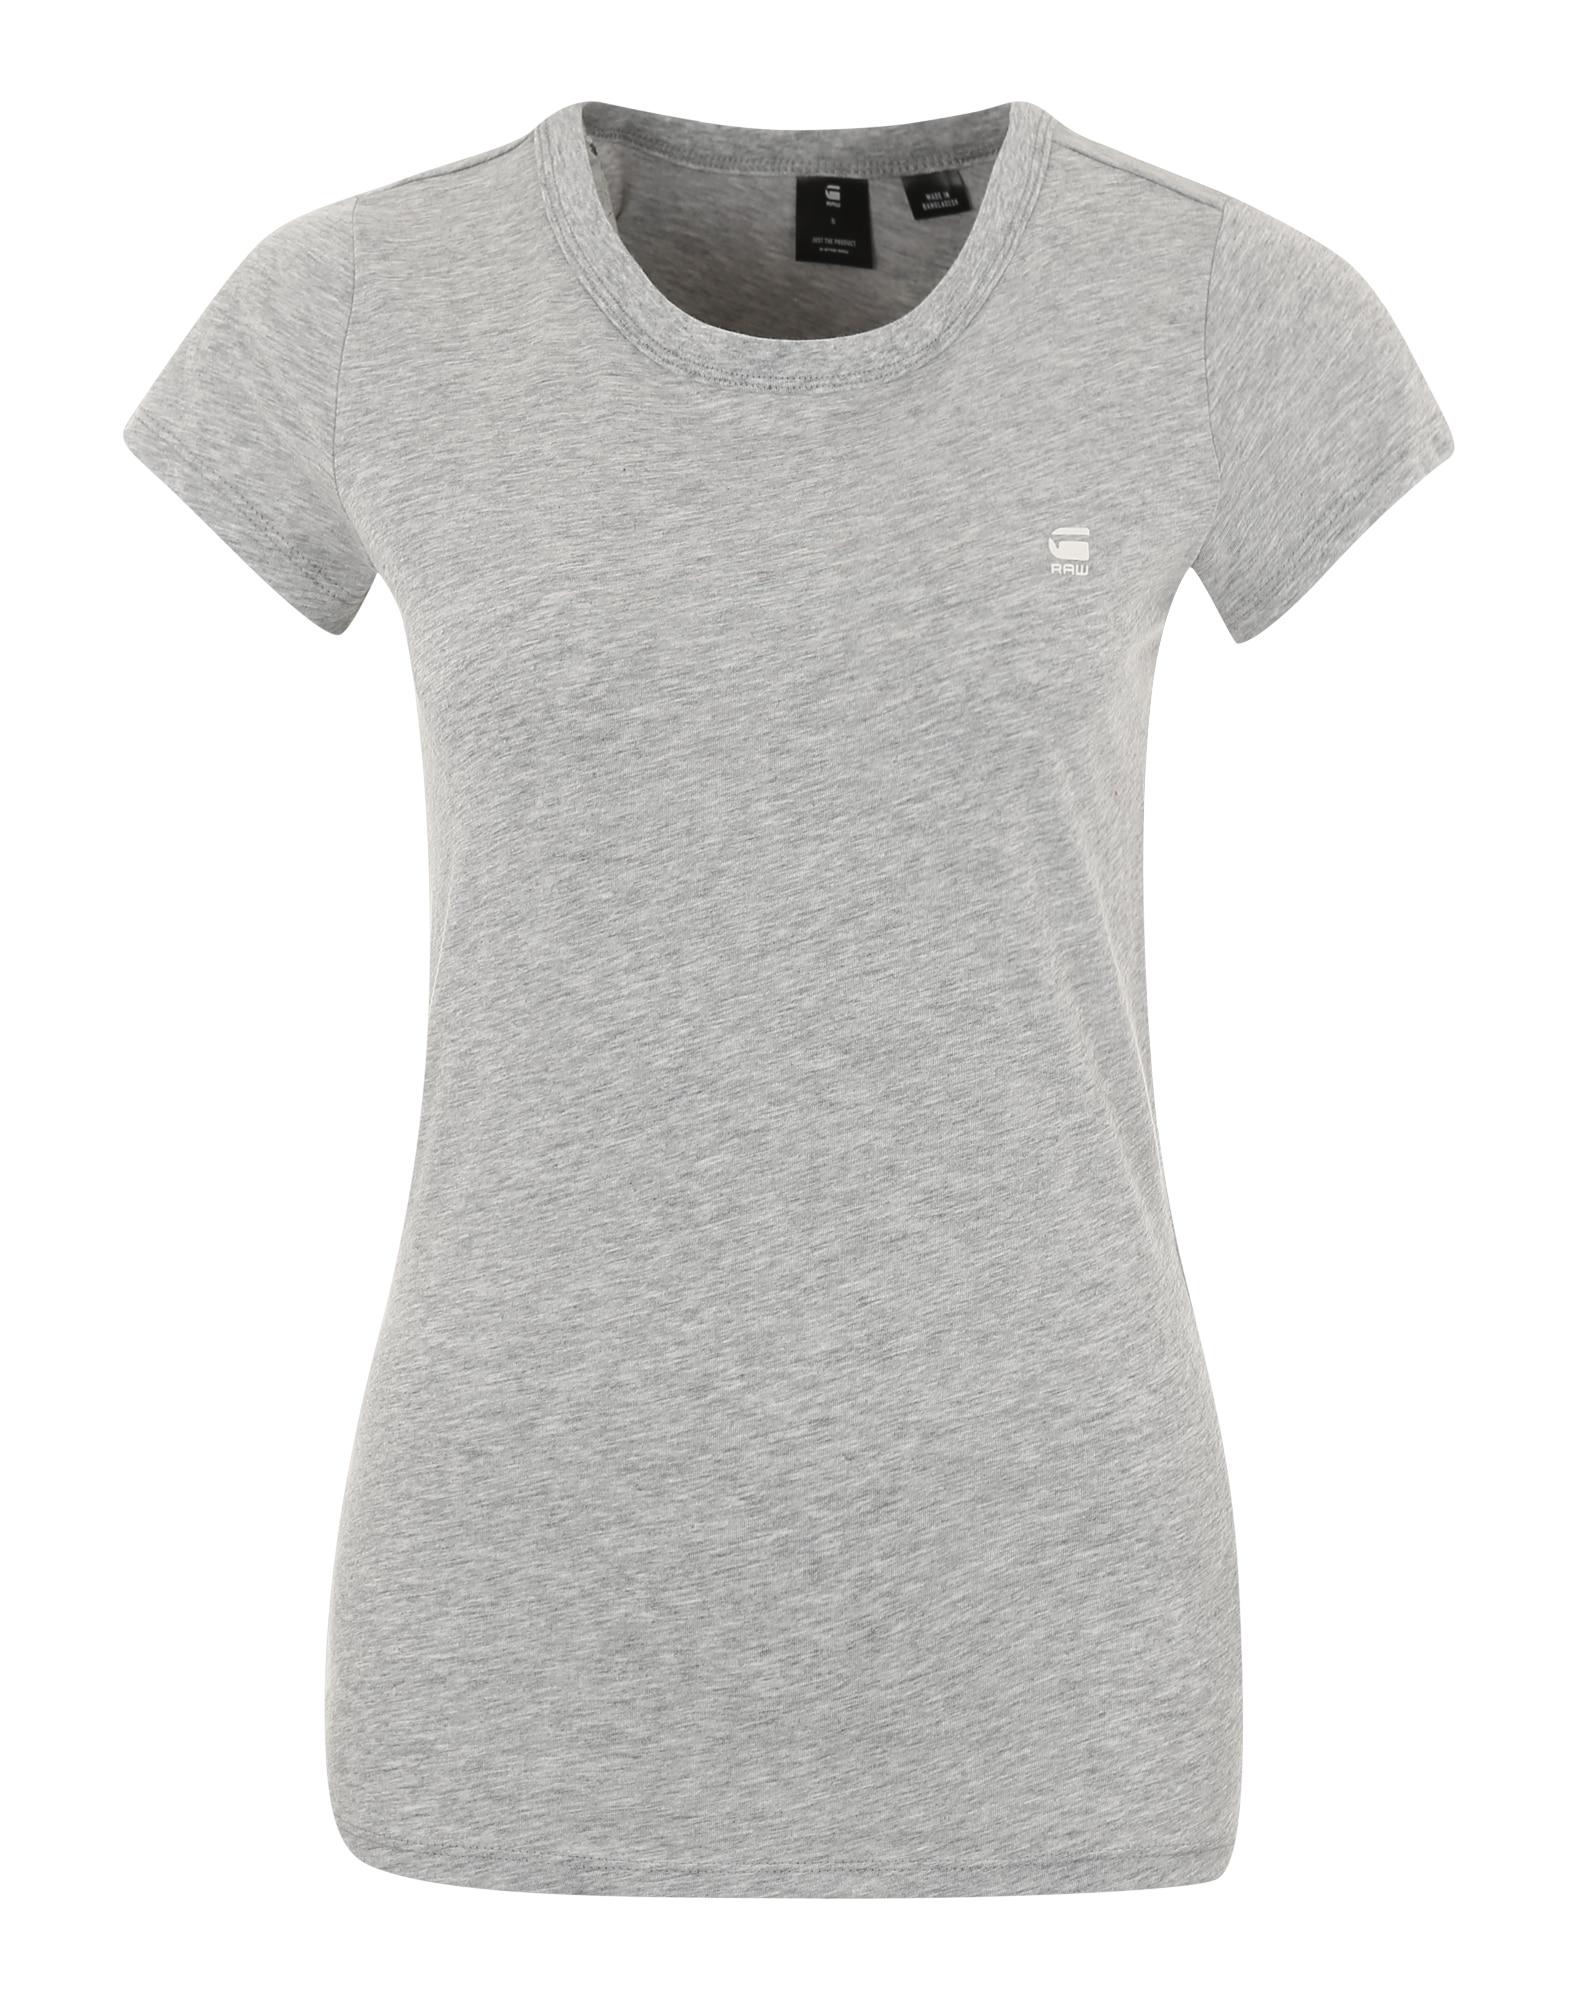 G-STAR RAW Dames Shirt Eyben grijs gemêleerd